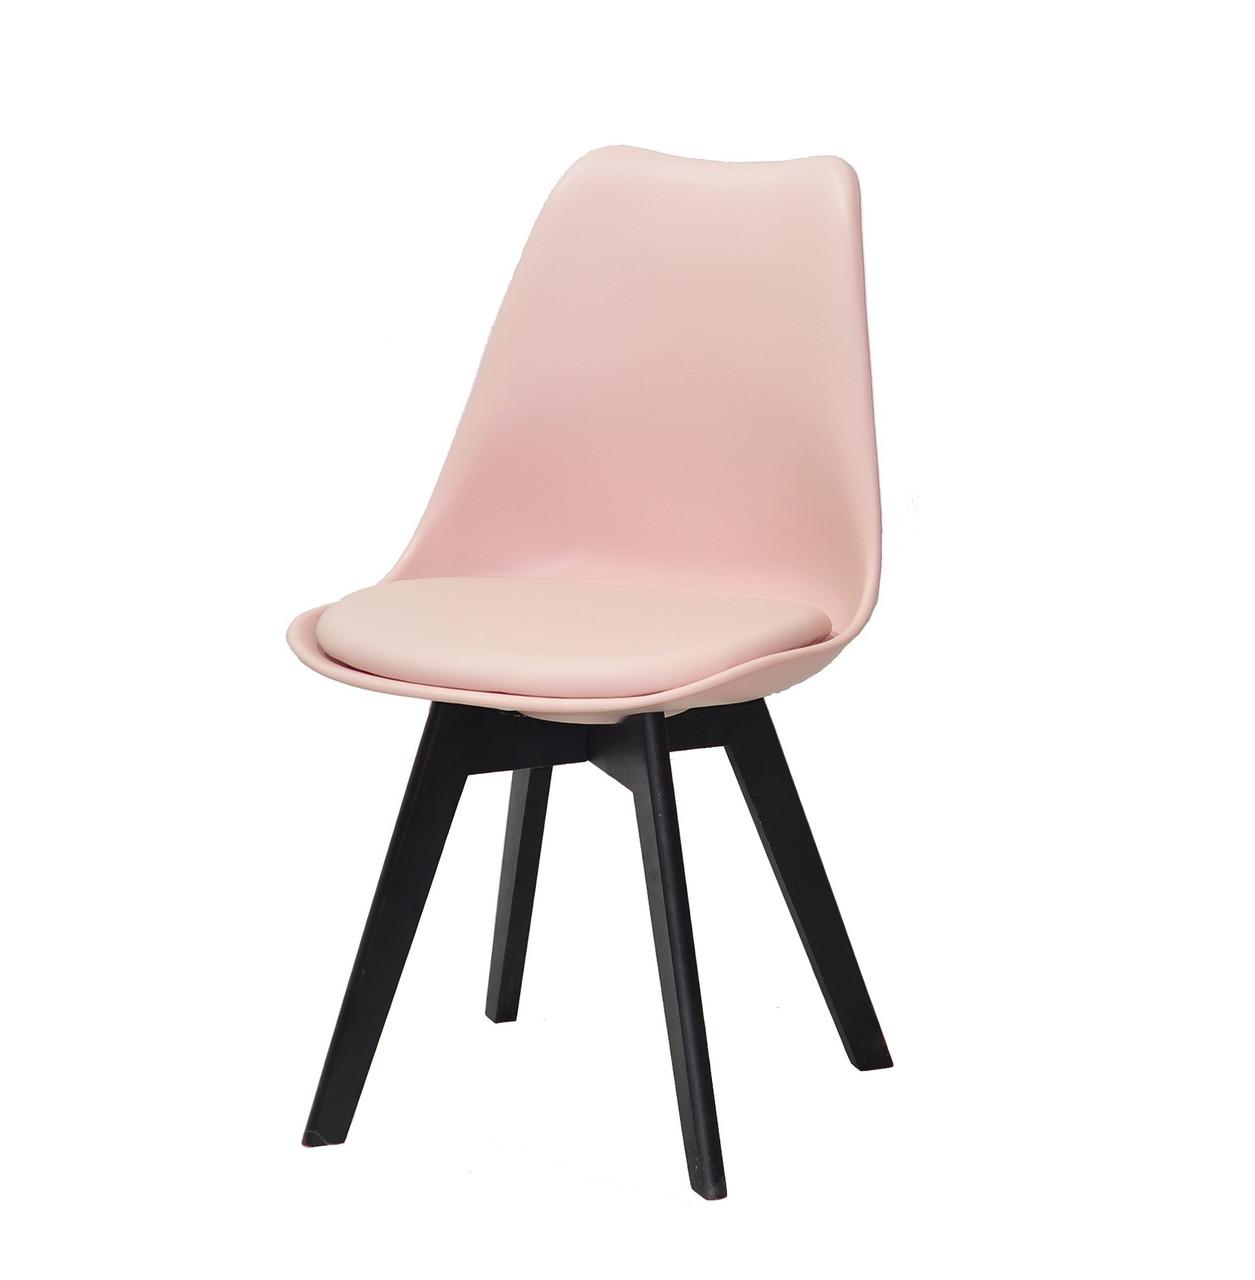 Стул розовый с пластиковой спинкой и сиденьем эко-кожа Milan на черных деревянных ножках